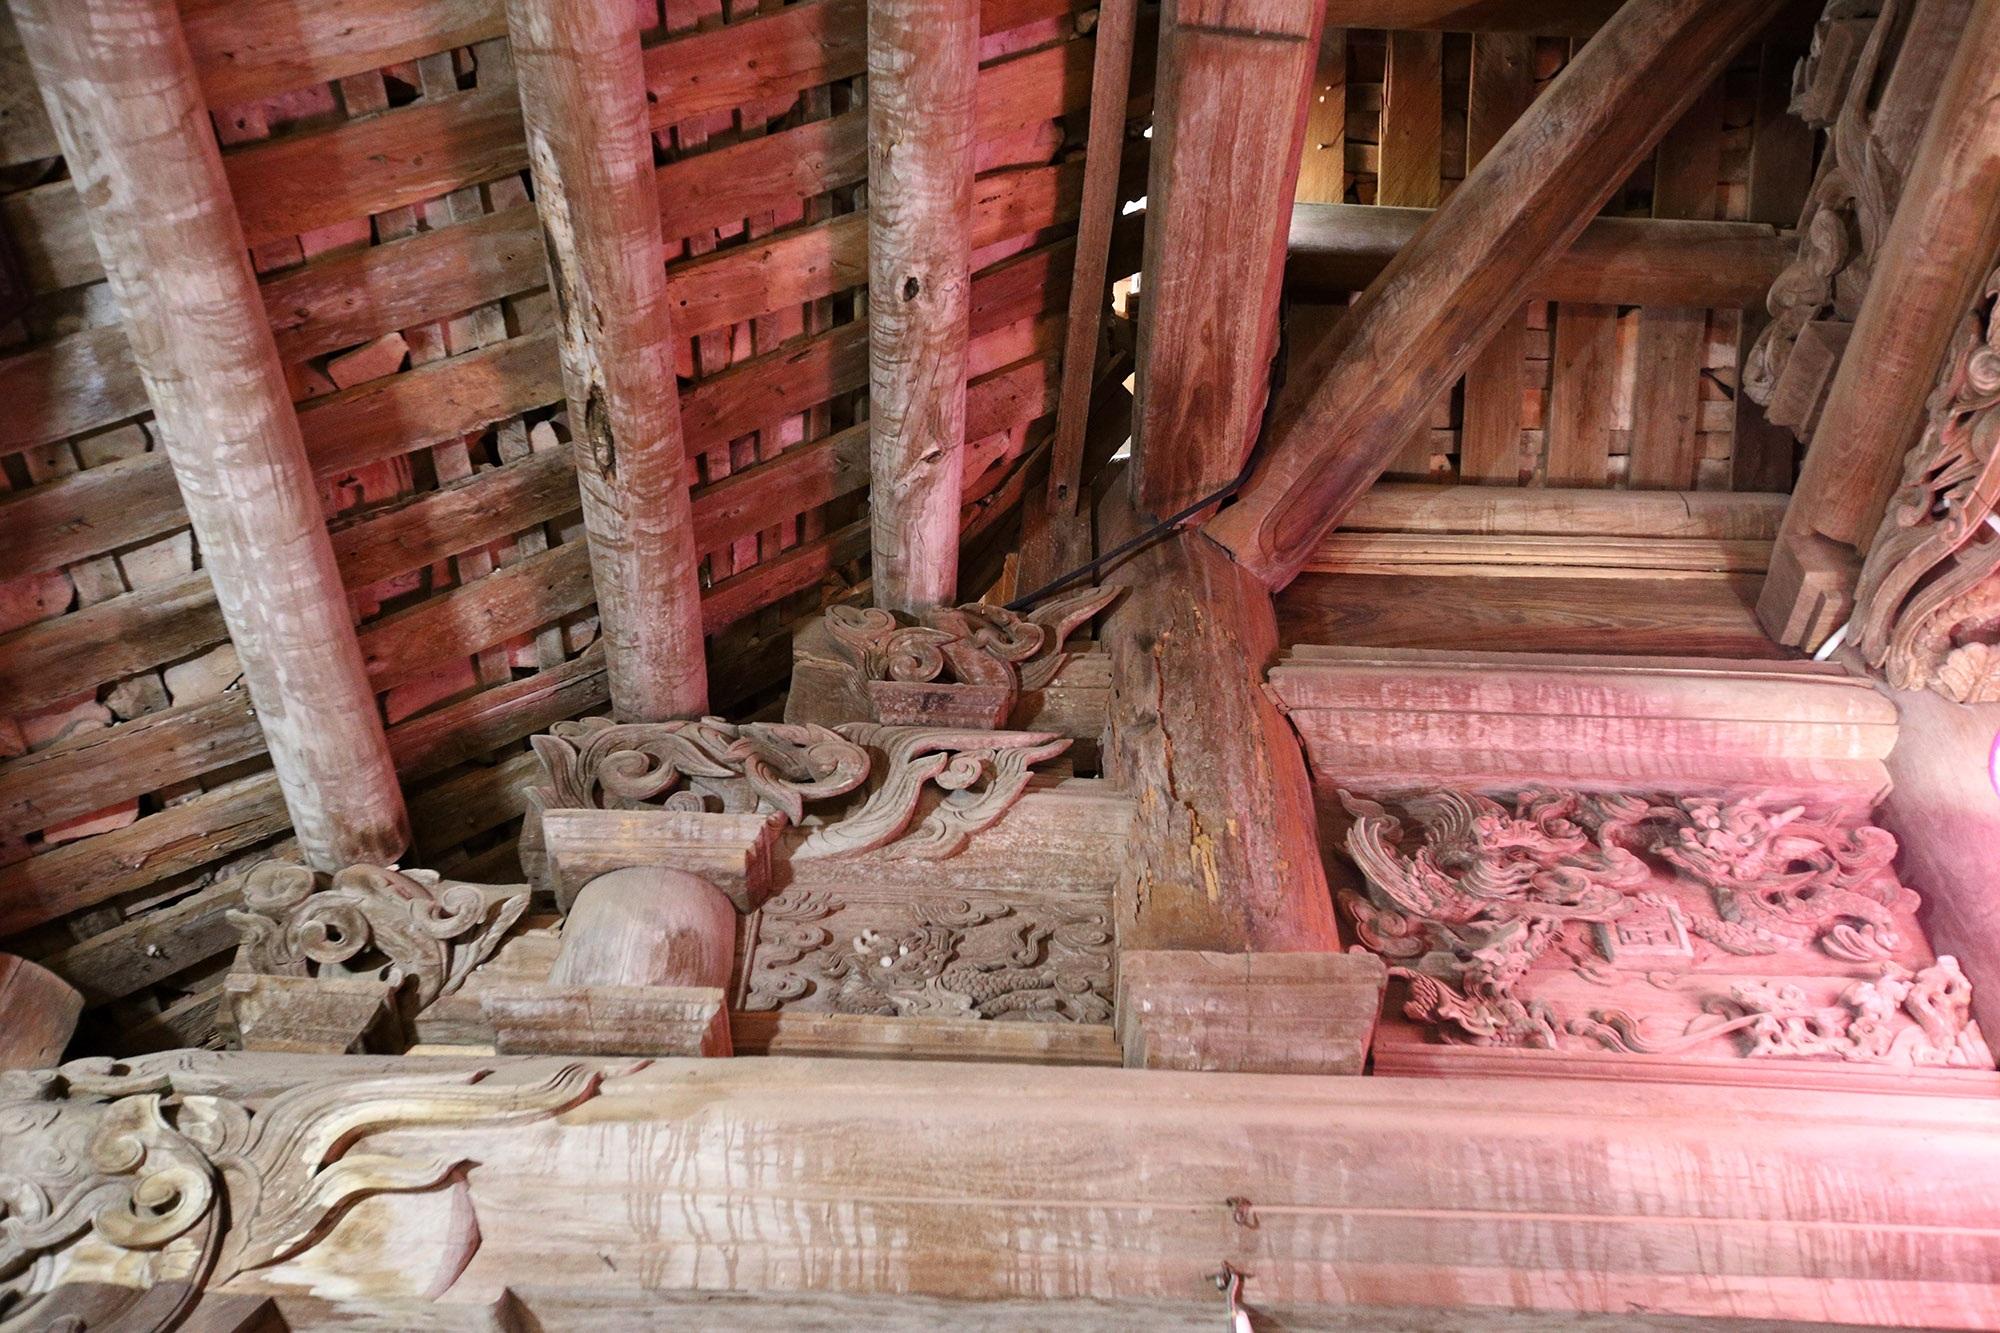 Chiêm ngưỡng ngôi đình hơn 300 năm tuổi đẹp nhất xứ Đoài - 10